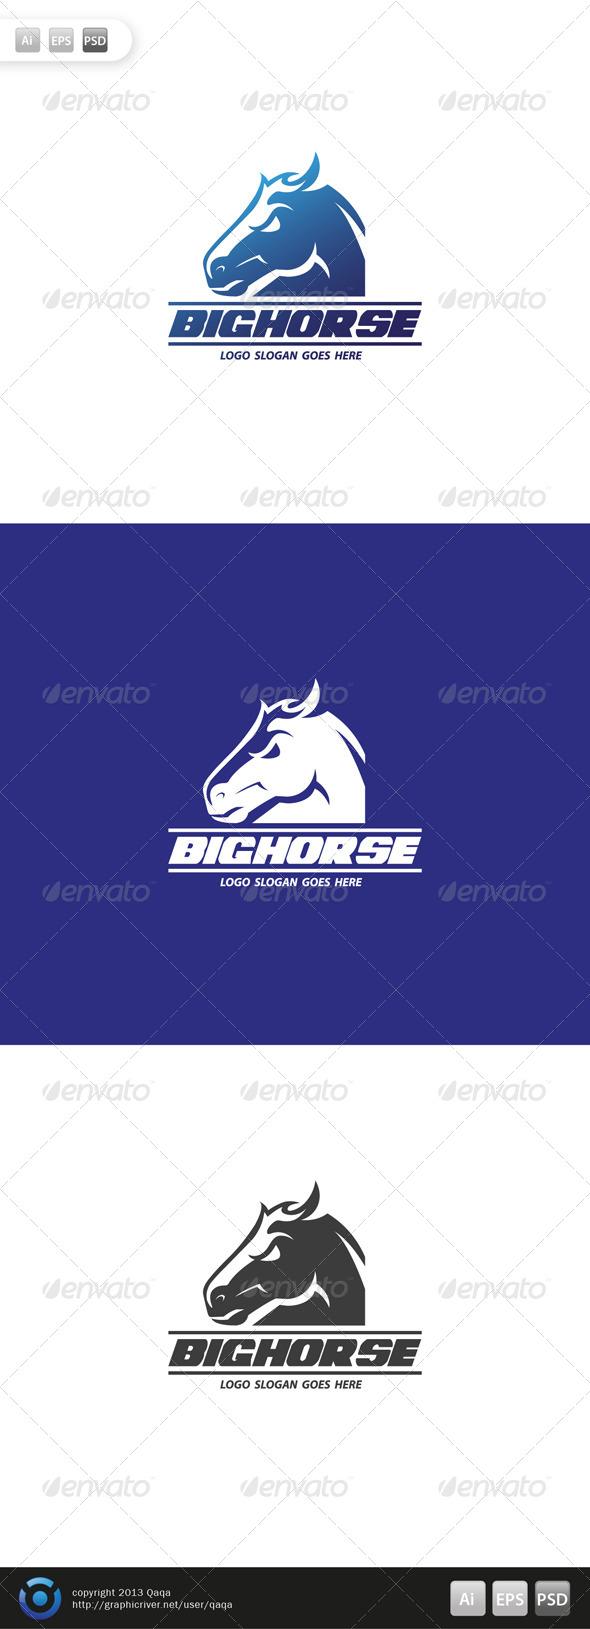 GraphicRiver Big Horse Logo 6486457